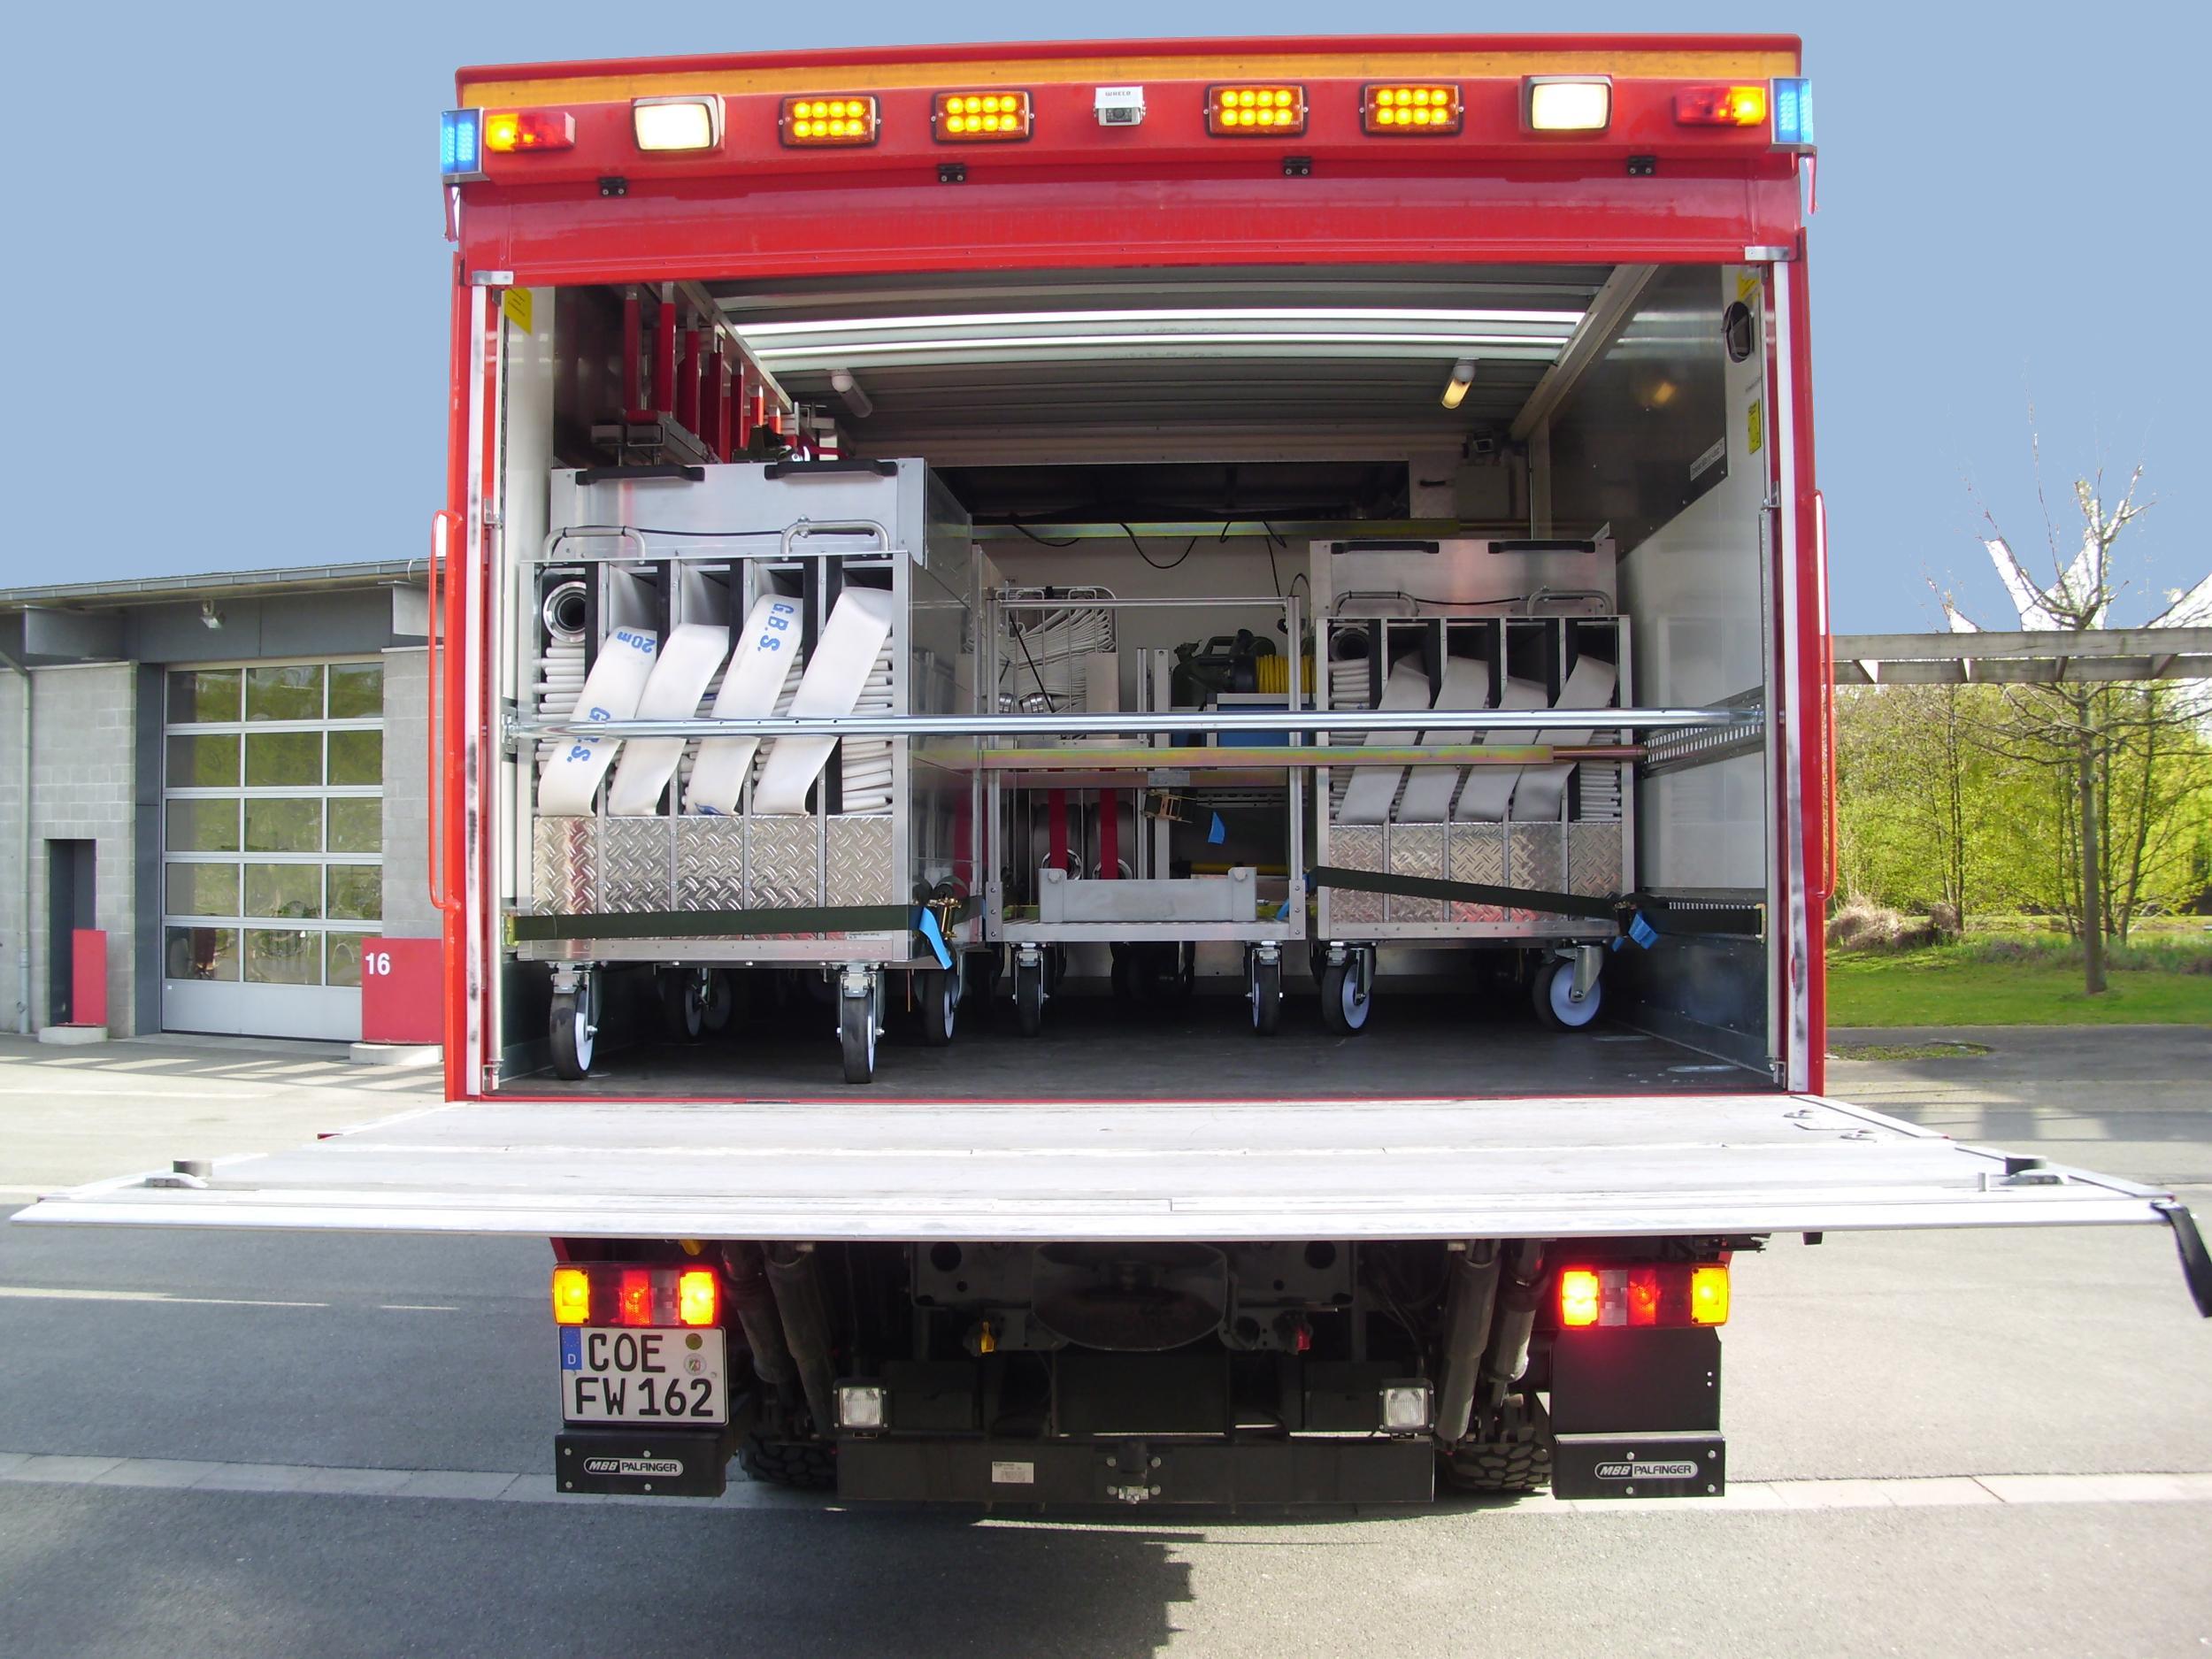 fahrzeuge zug 1 und zug 2 ger tewagen logistik. Black Bedroom Furniture Sets. Home Design Ideas